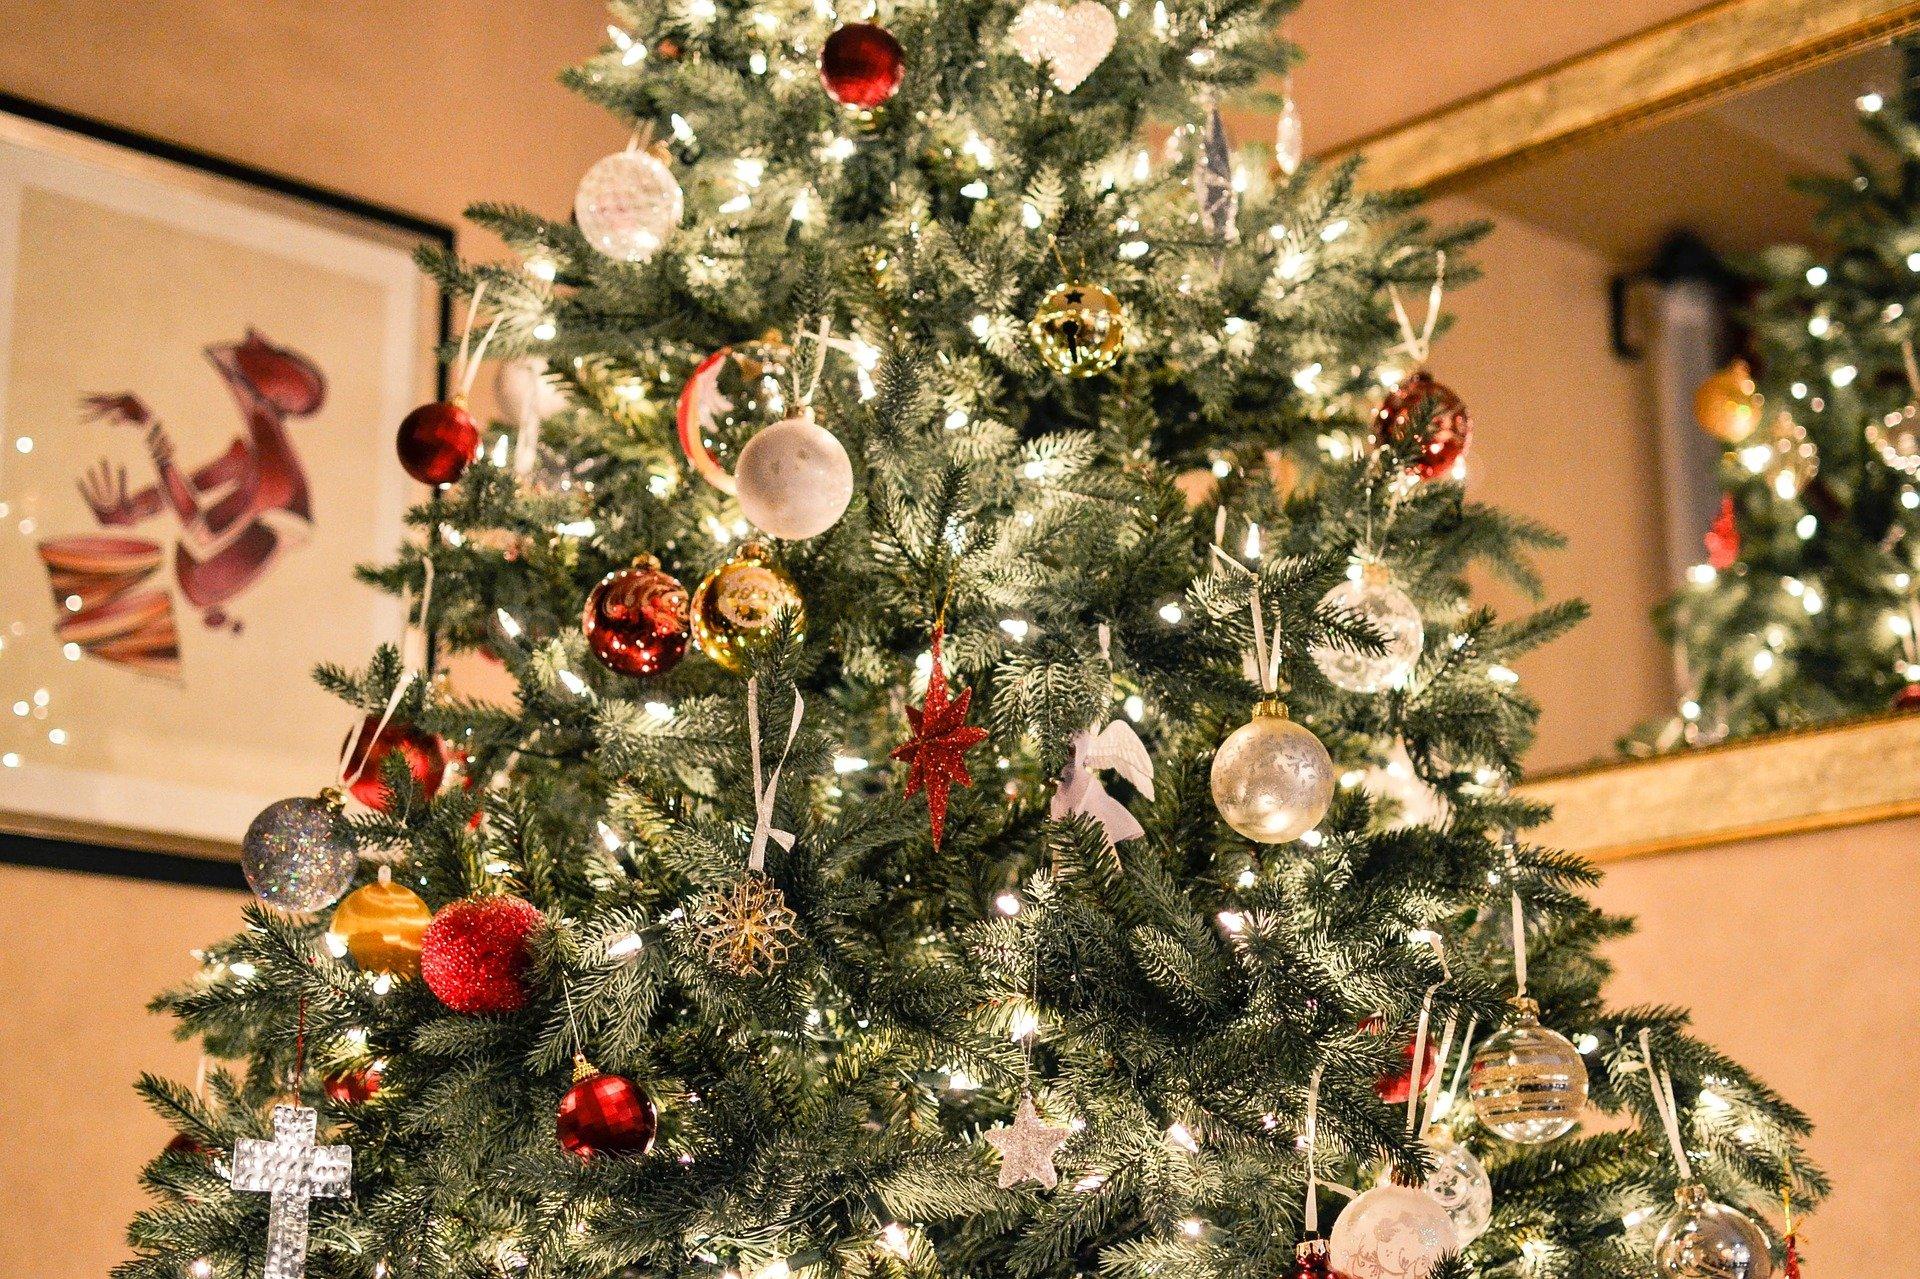 Come scegliere le decorazioni dell'albero di Natale